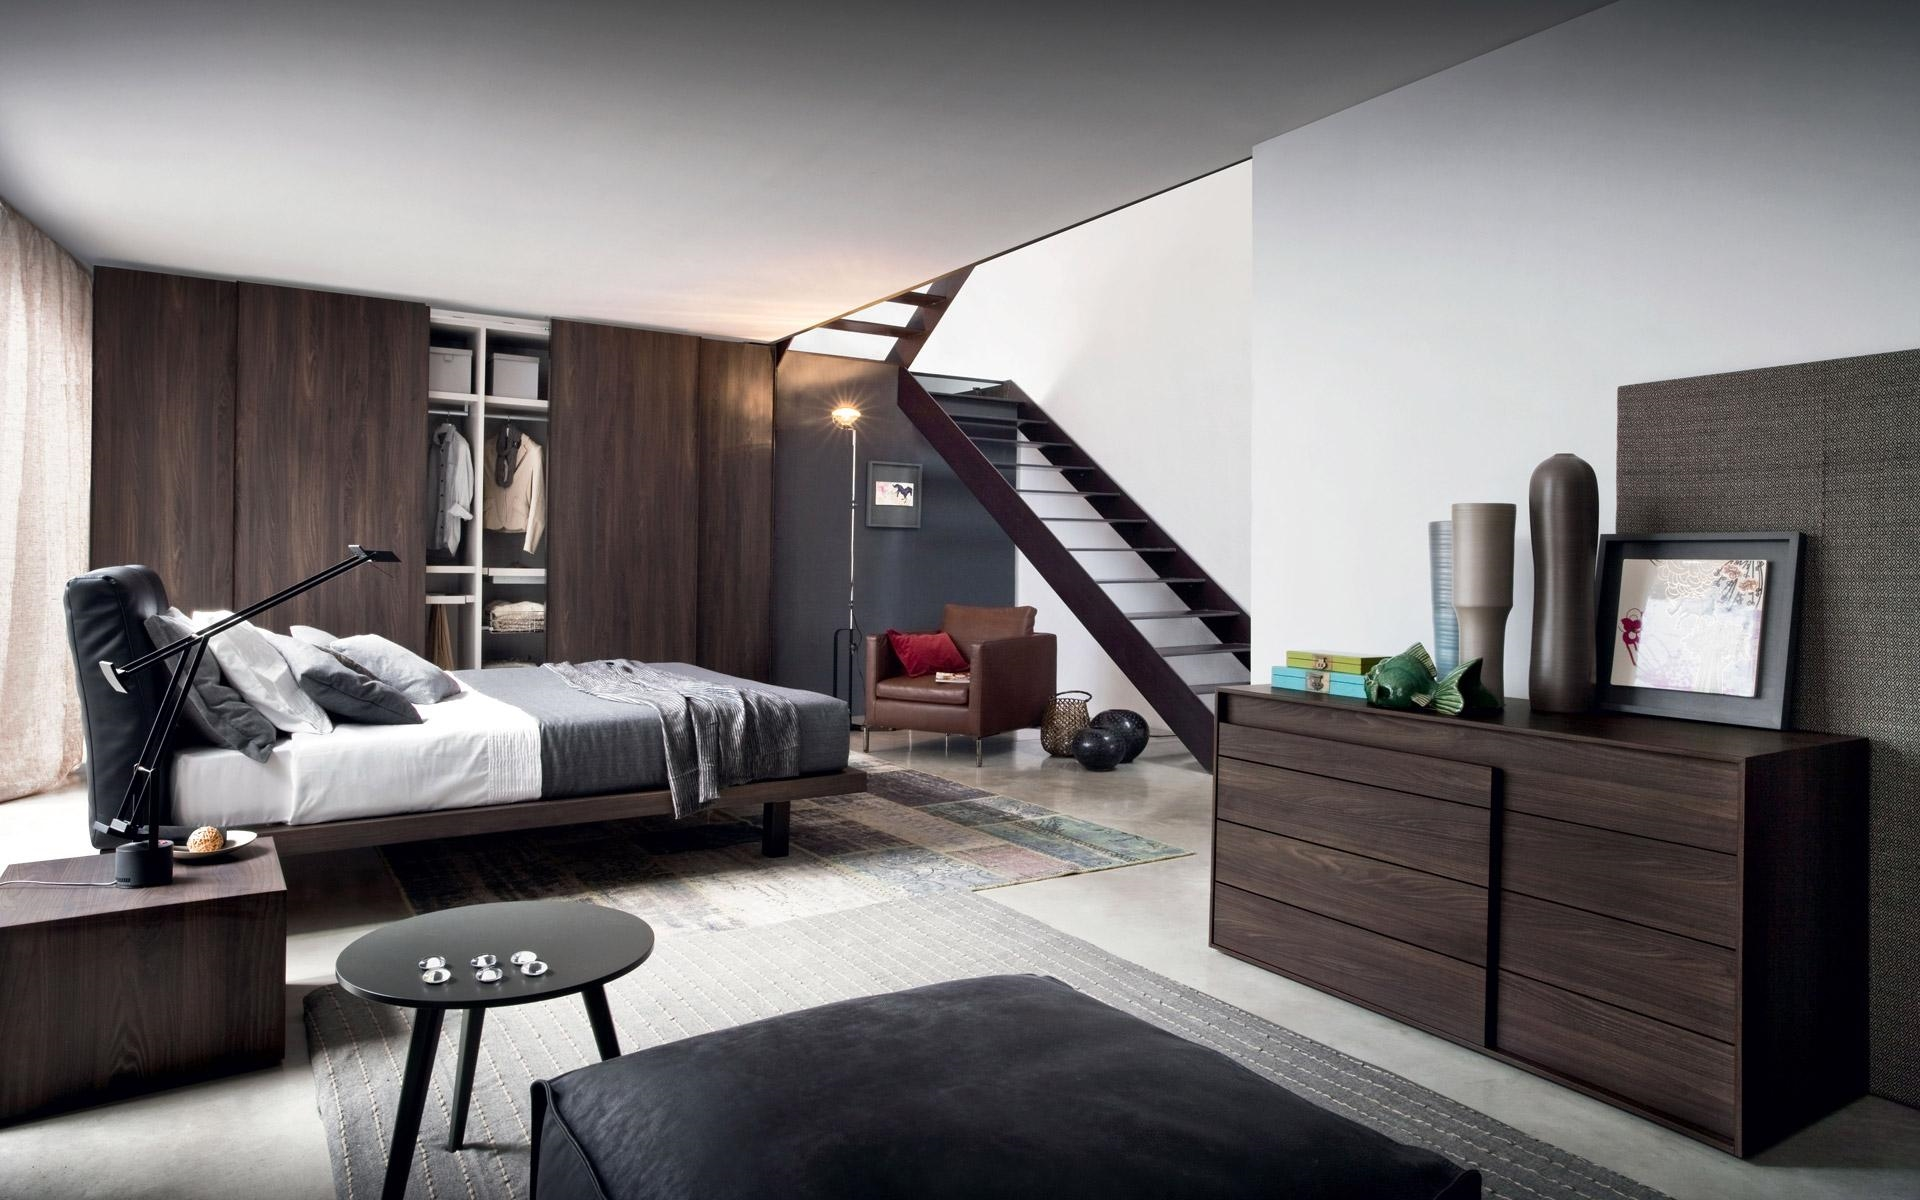 Camera da letto matrimoniale in Olmo Scuro, NUOVA, in promozione a 4 ...